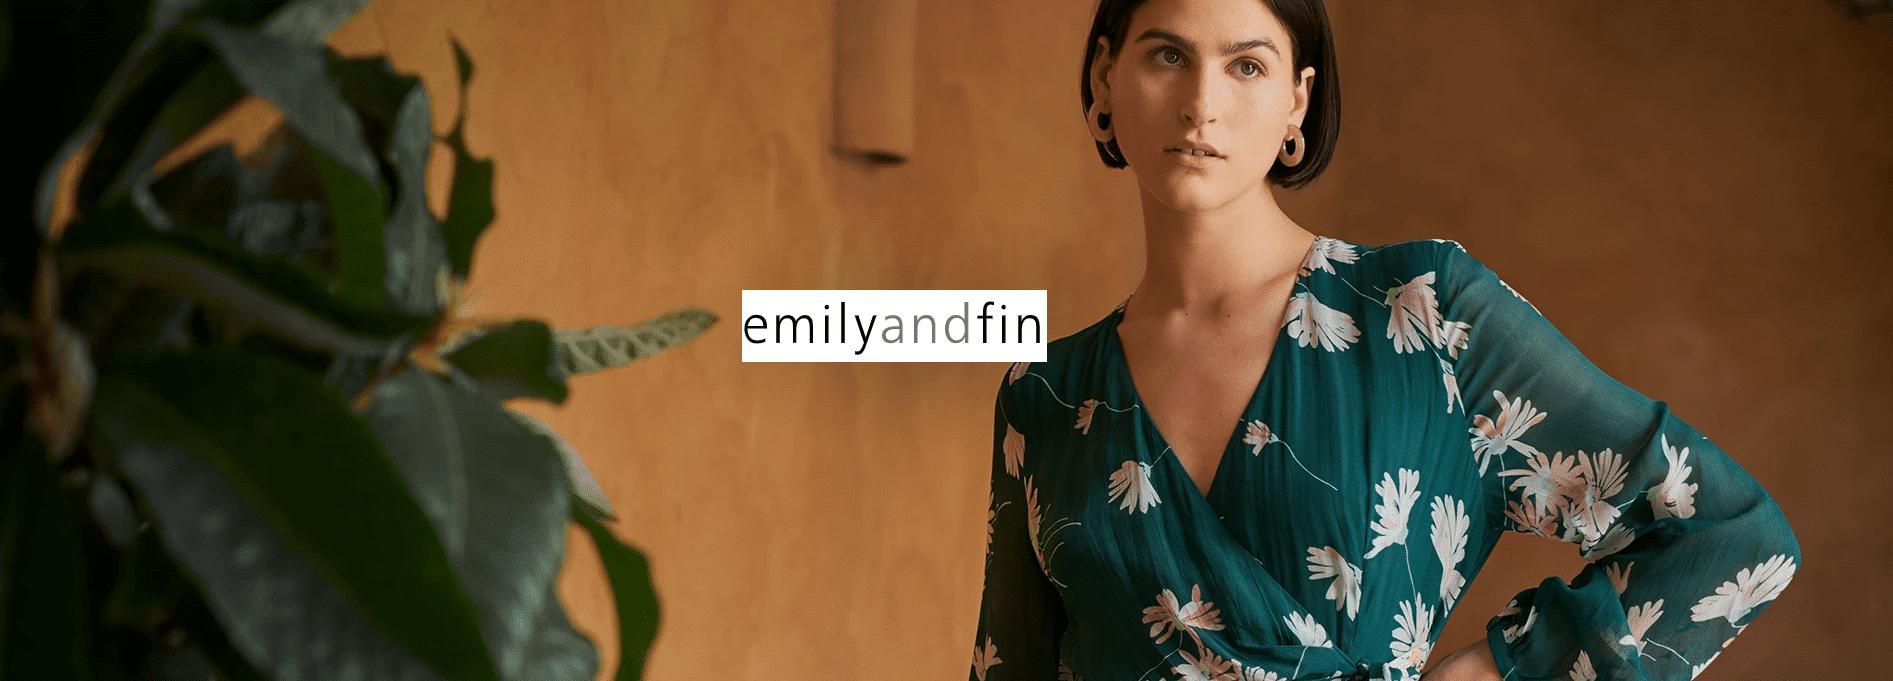 emilyandfin